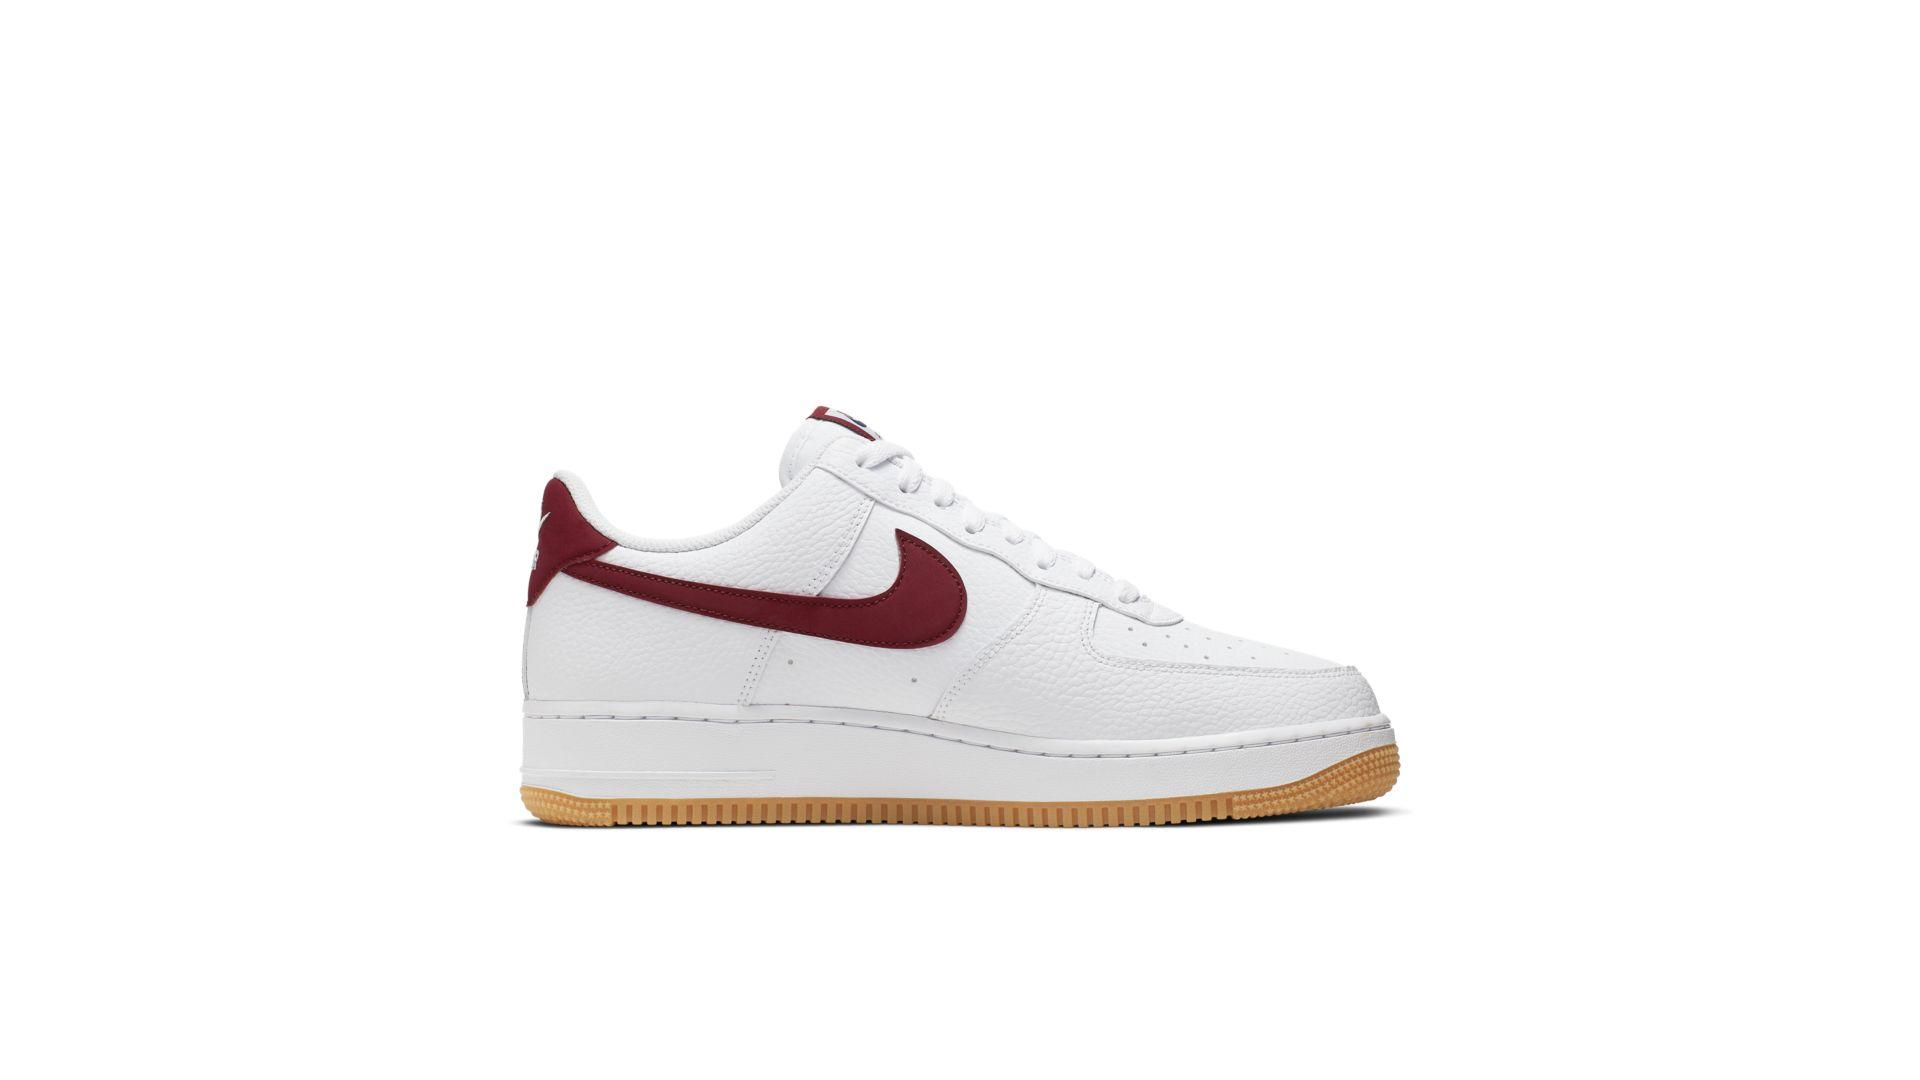 Nike Air Force 1 Low '07 Gum Medium Brown (CI0057-101)